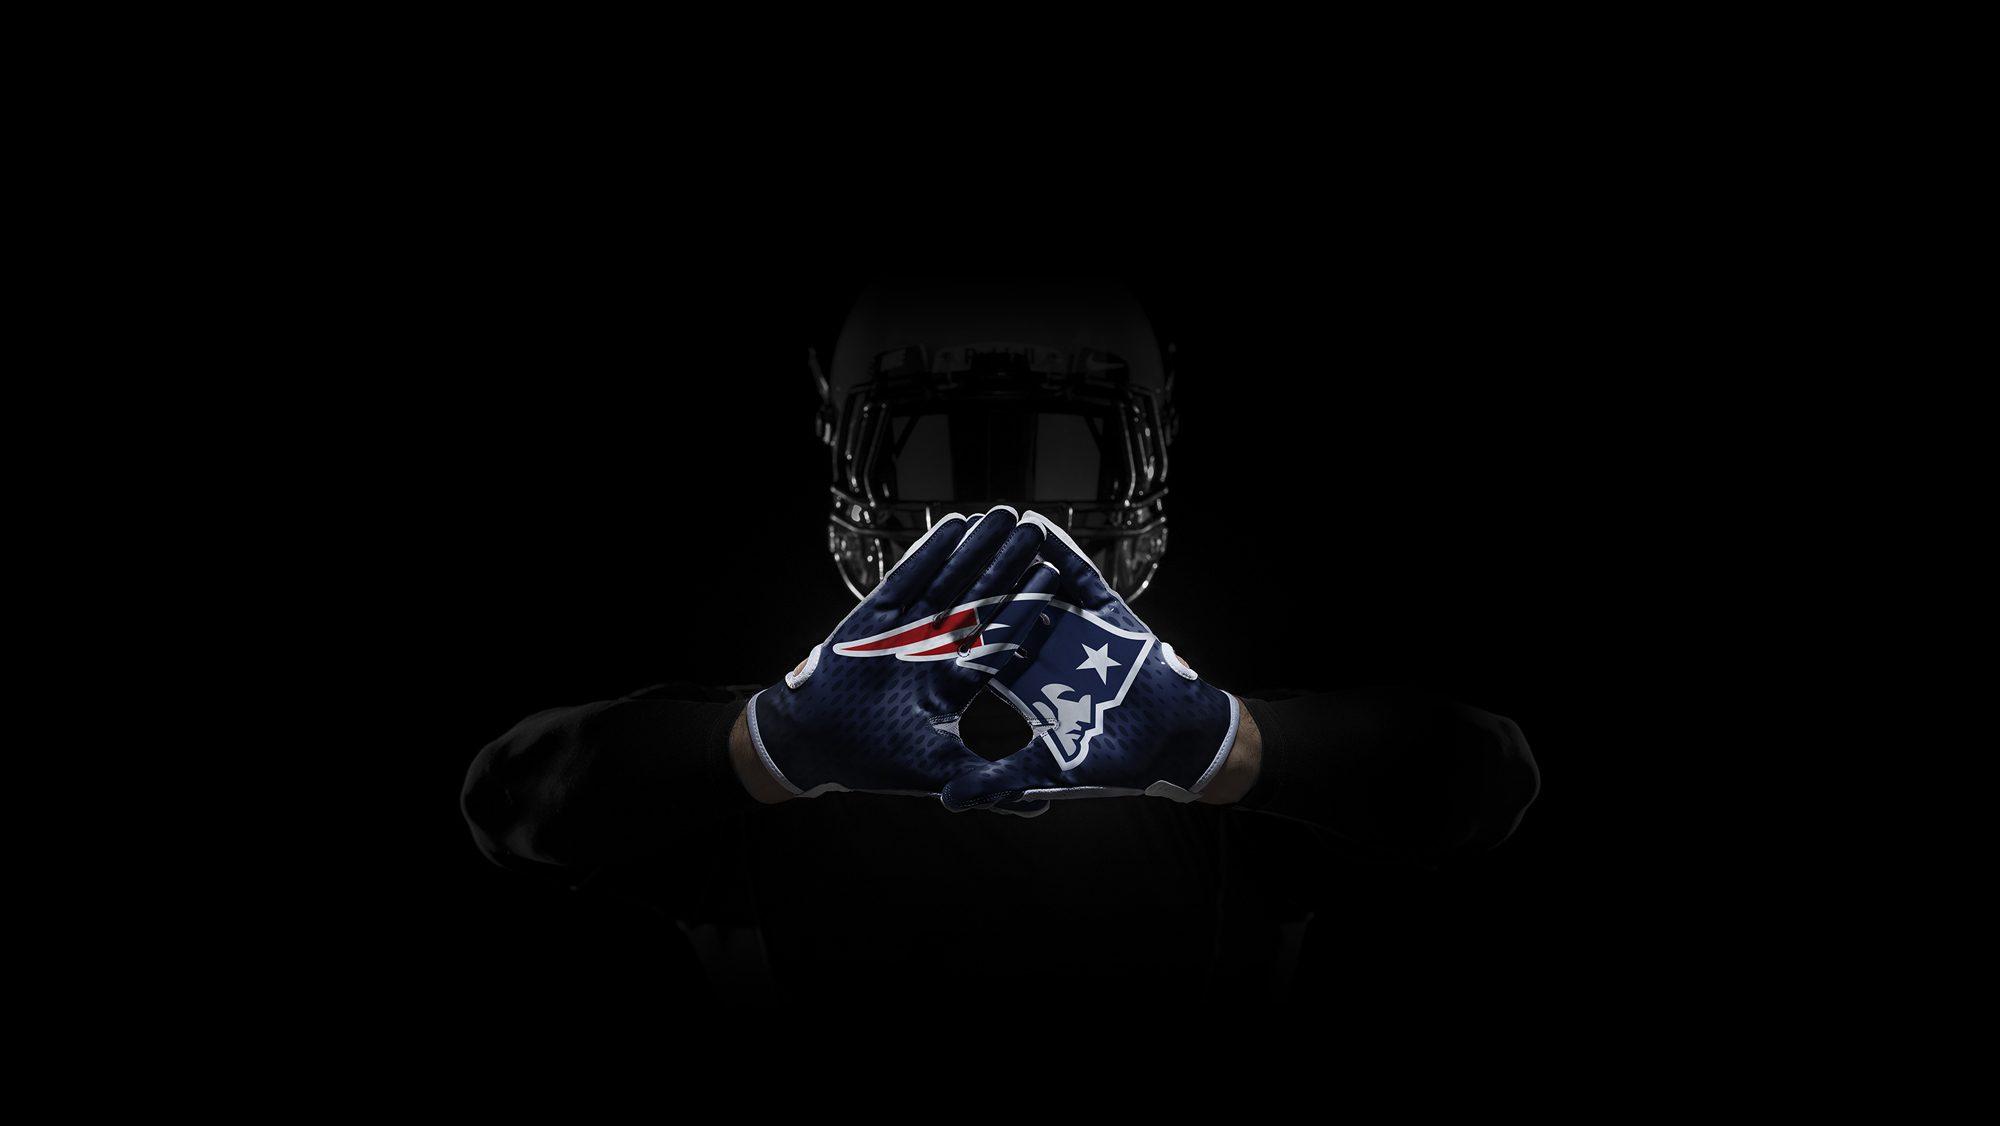 SP14_NFL_SB_TeamGloves_Hands_Patriots_36854